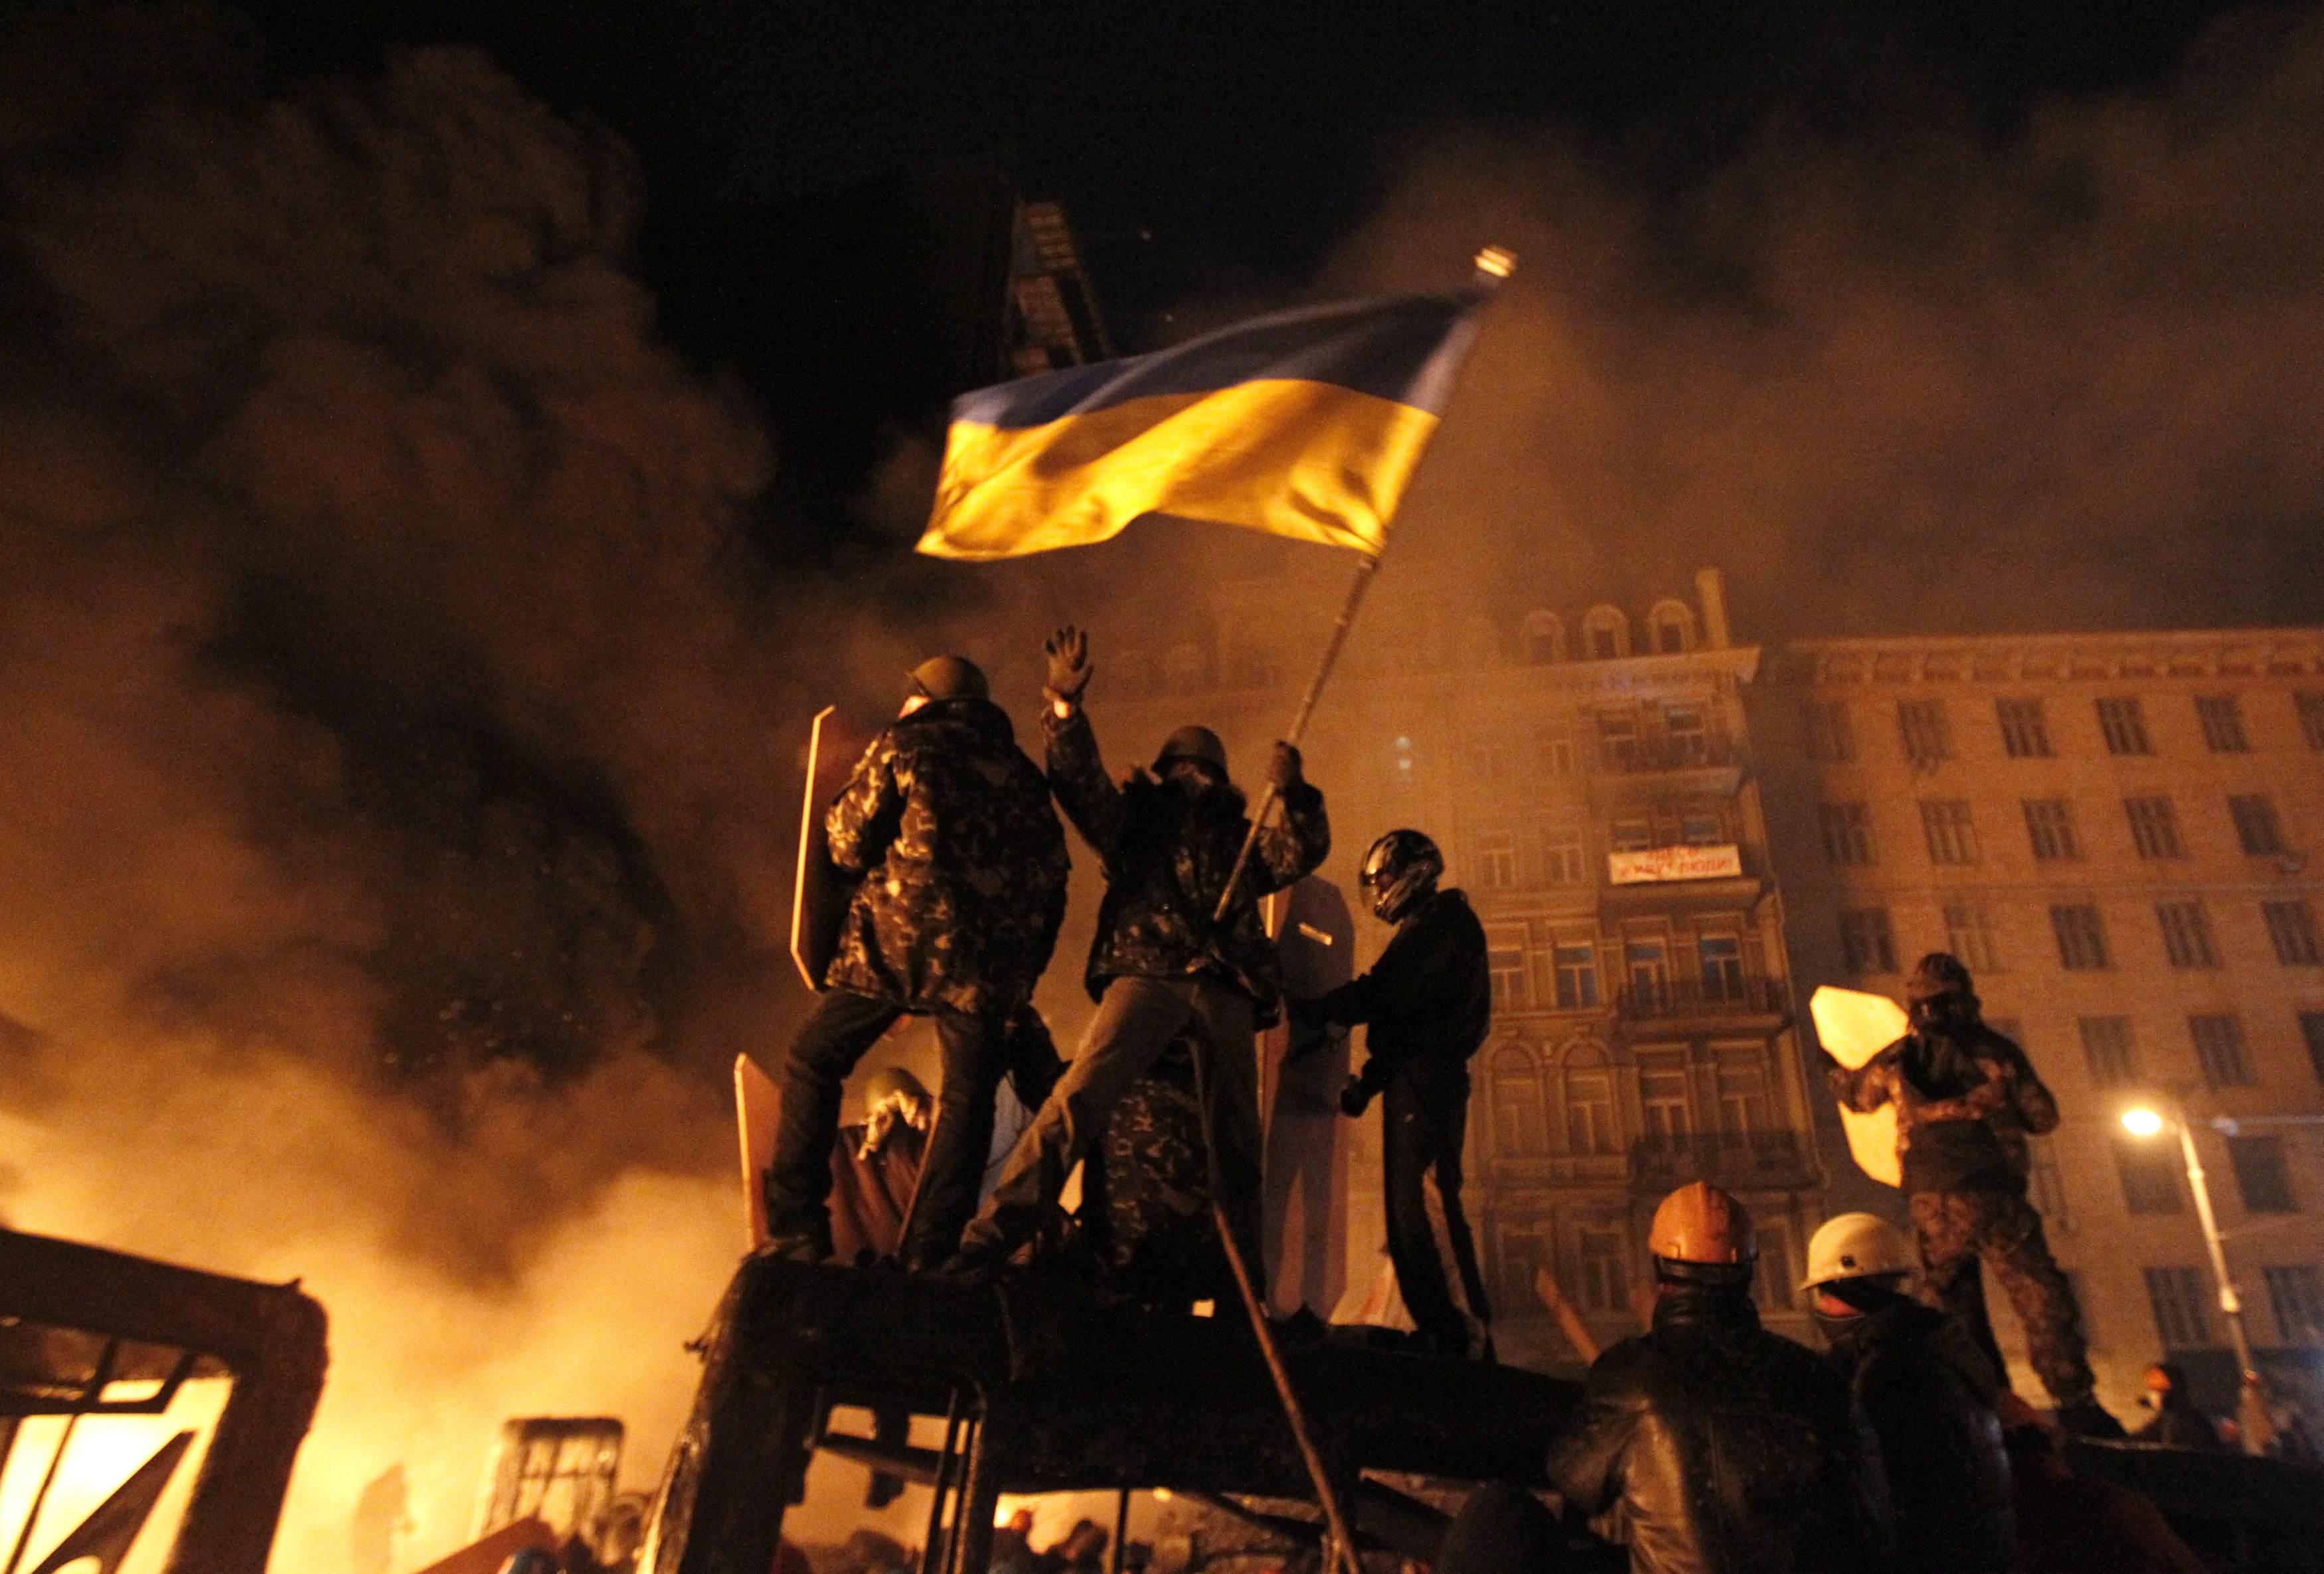 Украина постоянно в центре скандалов и этому есть объяснение